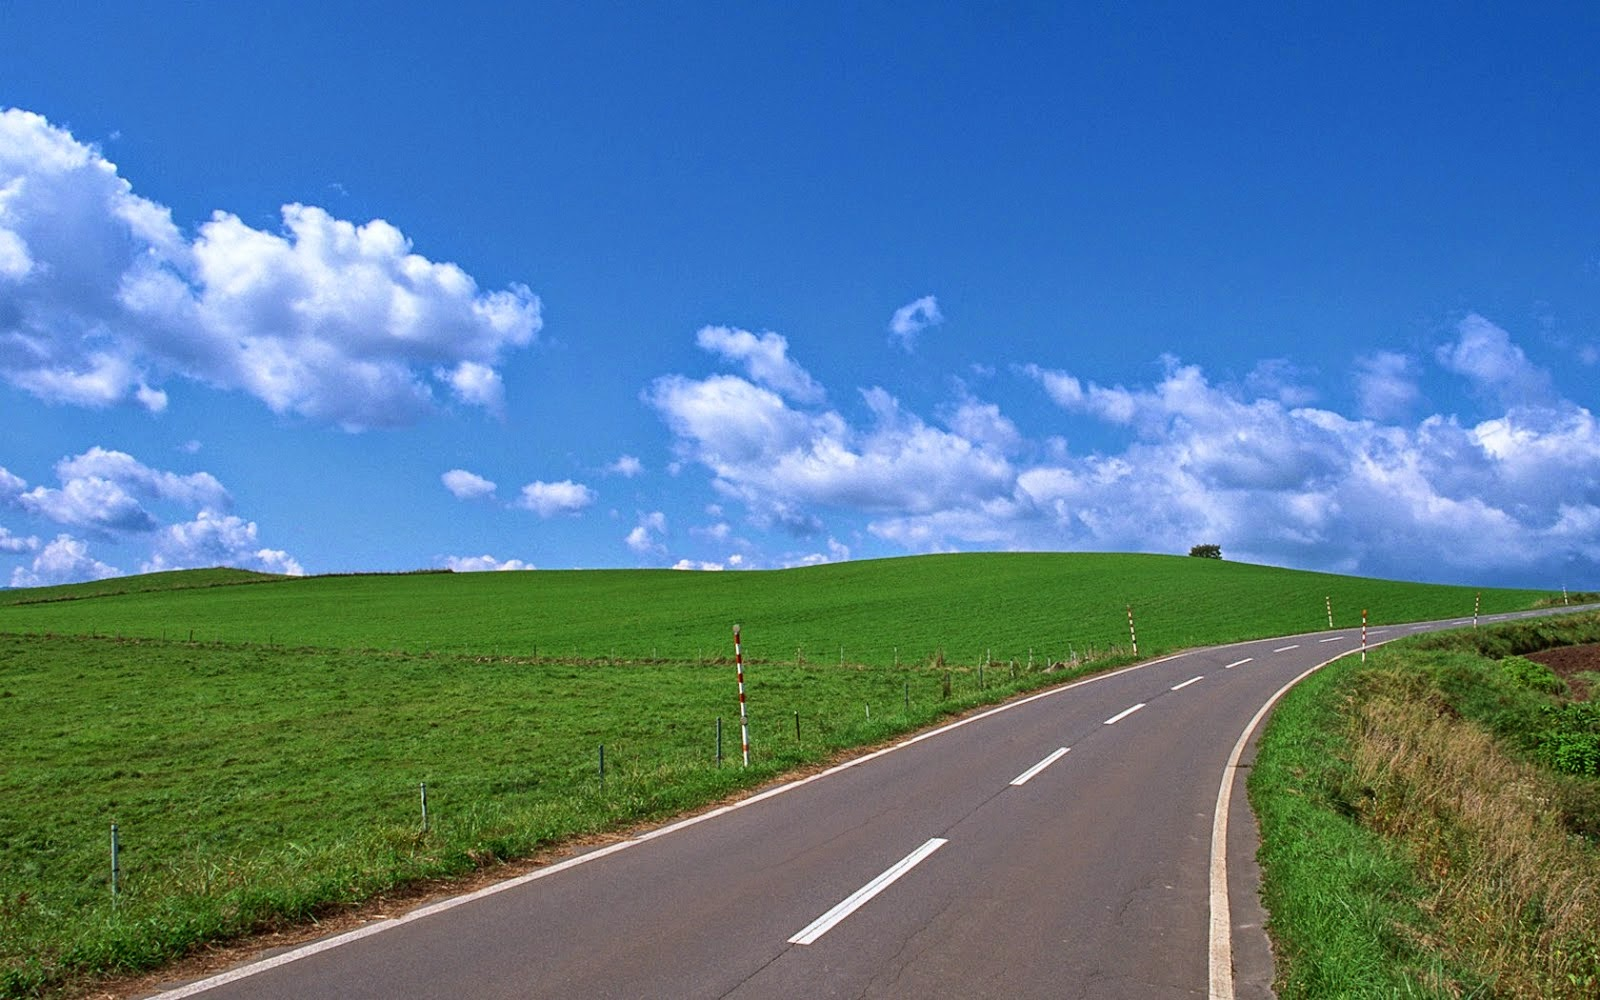 Jalan Raya di Dunia Yang Bisa Bernyanyi